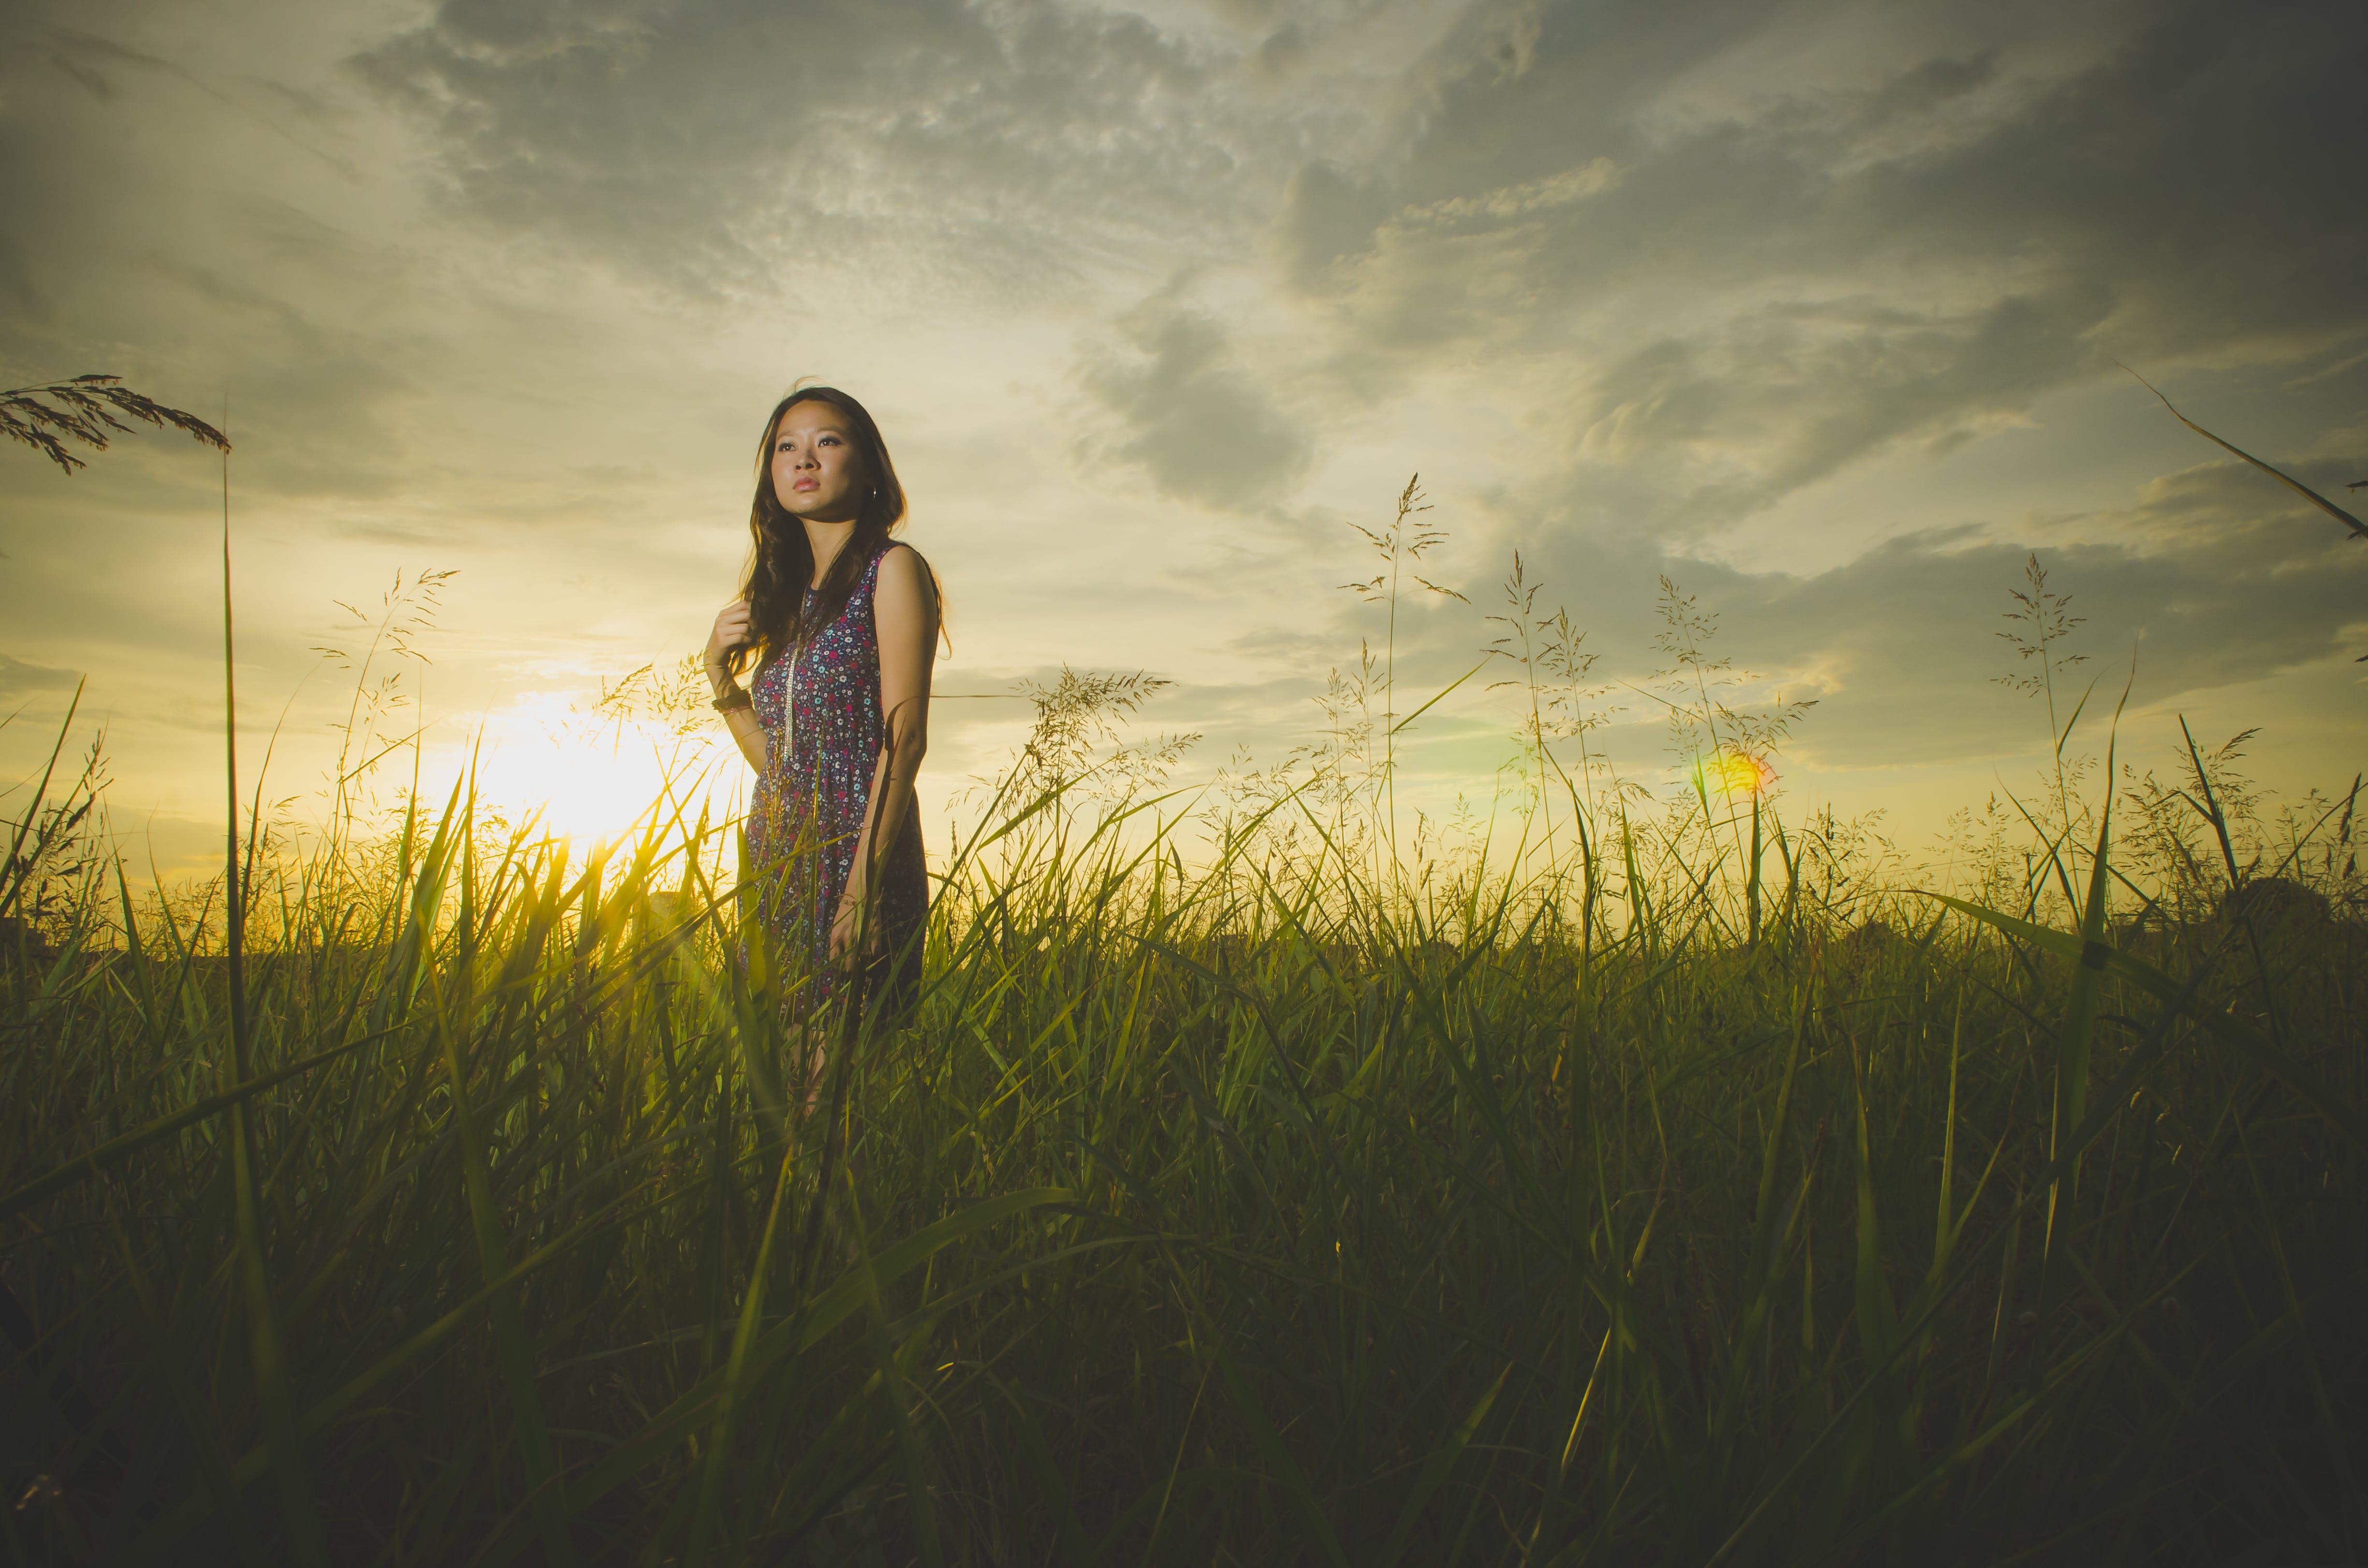 akşam karanlığı, alan, Asyalı kadın, bayan içeren Ücretsiz stok fotoğraf